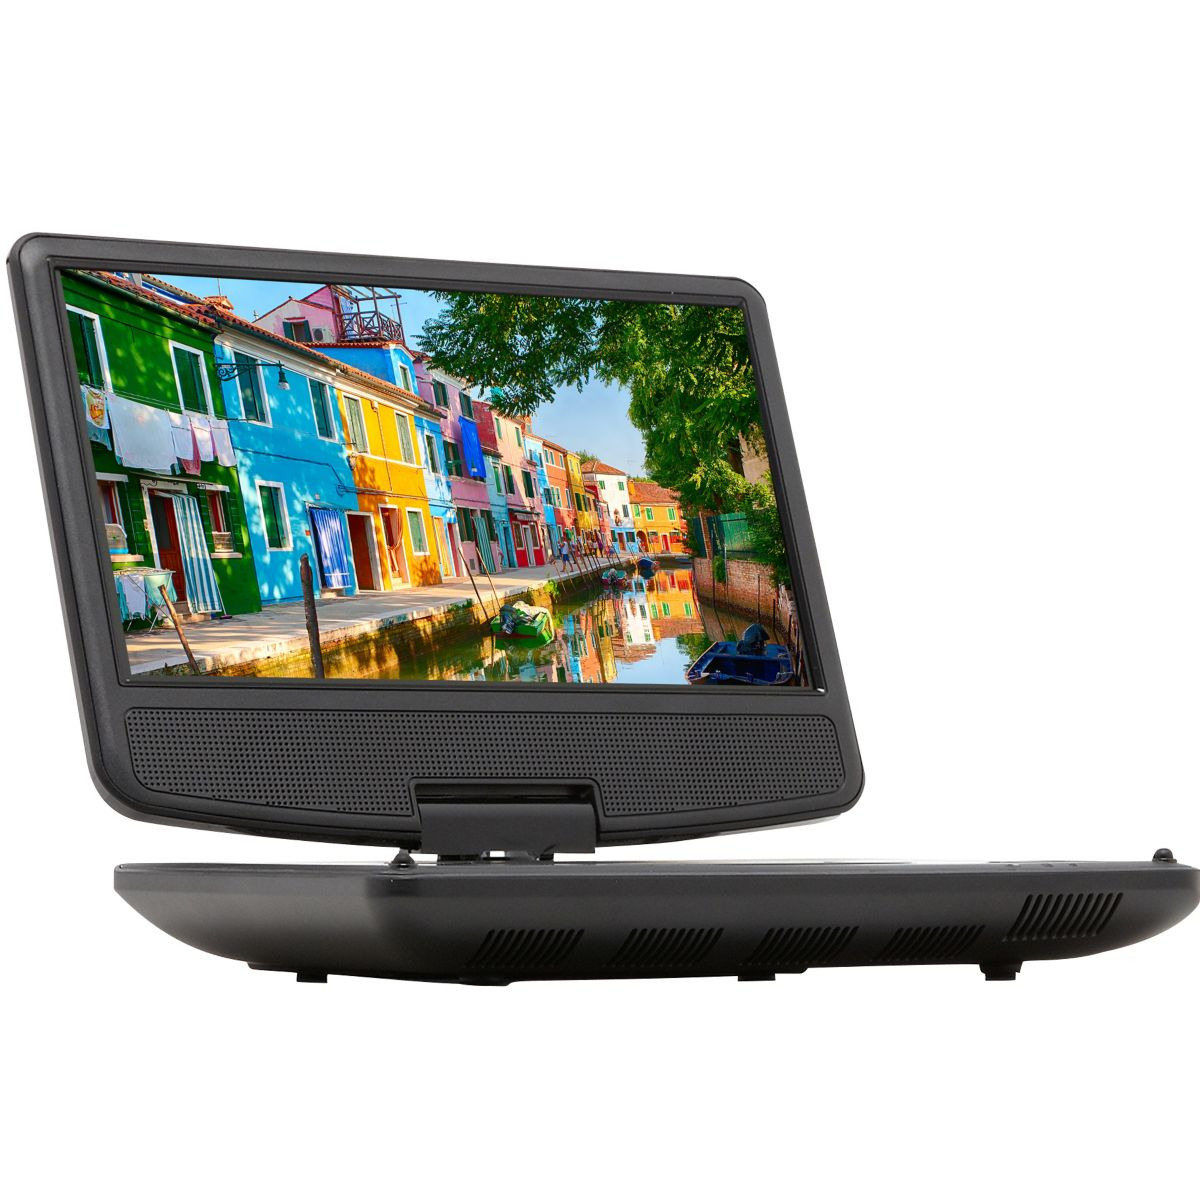 Lecteur DVD portable ESSENTIELB MobiliTwist + Support Voiture (photo)